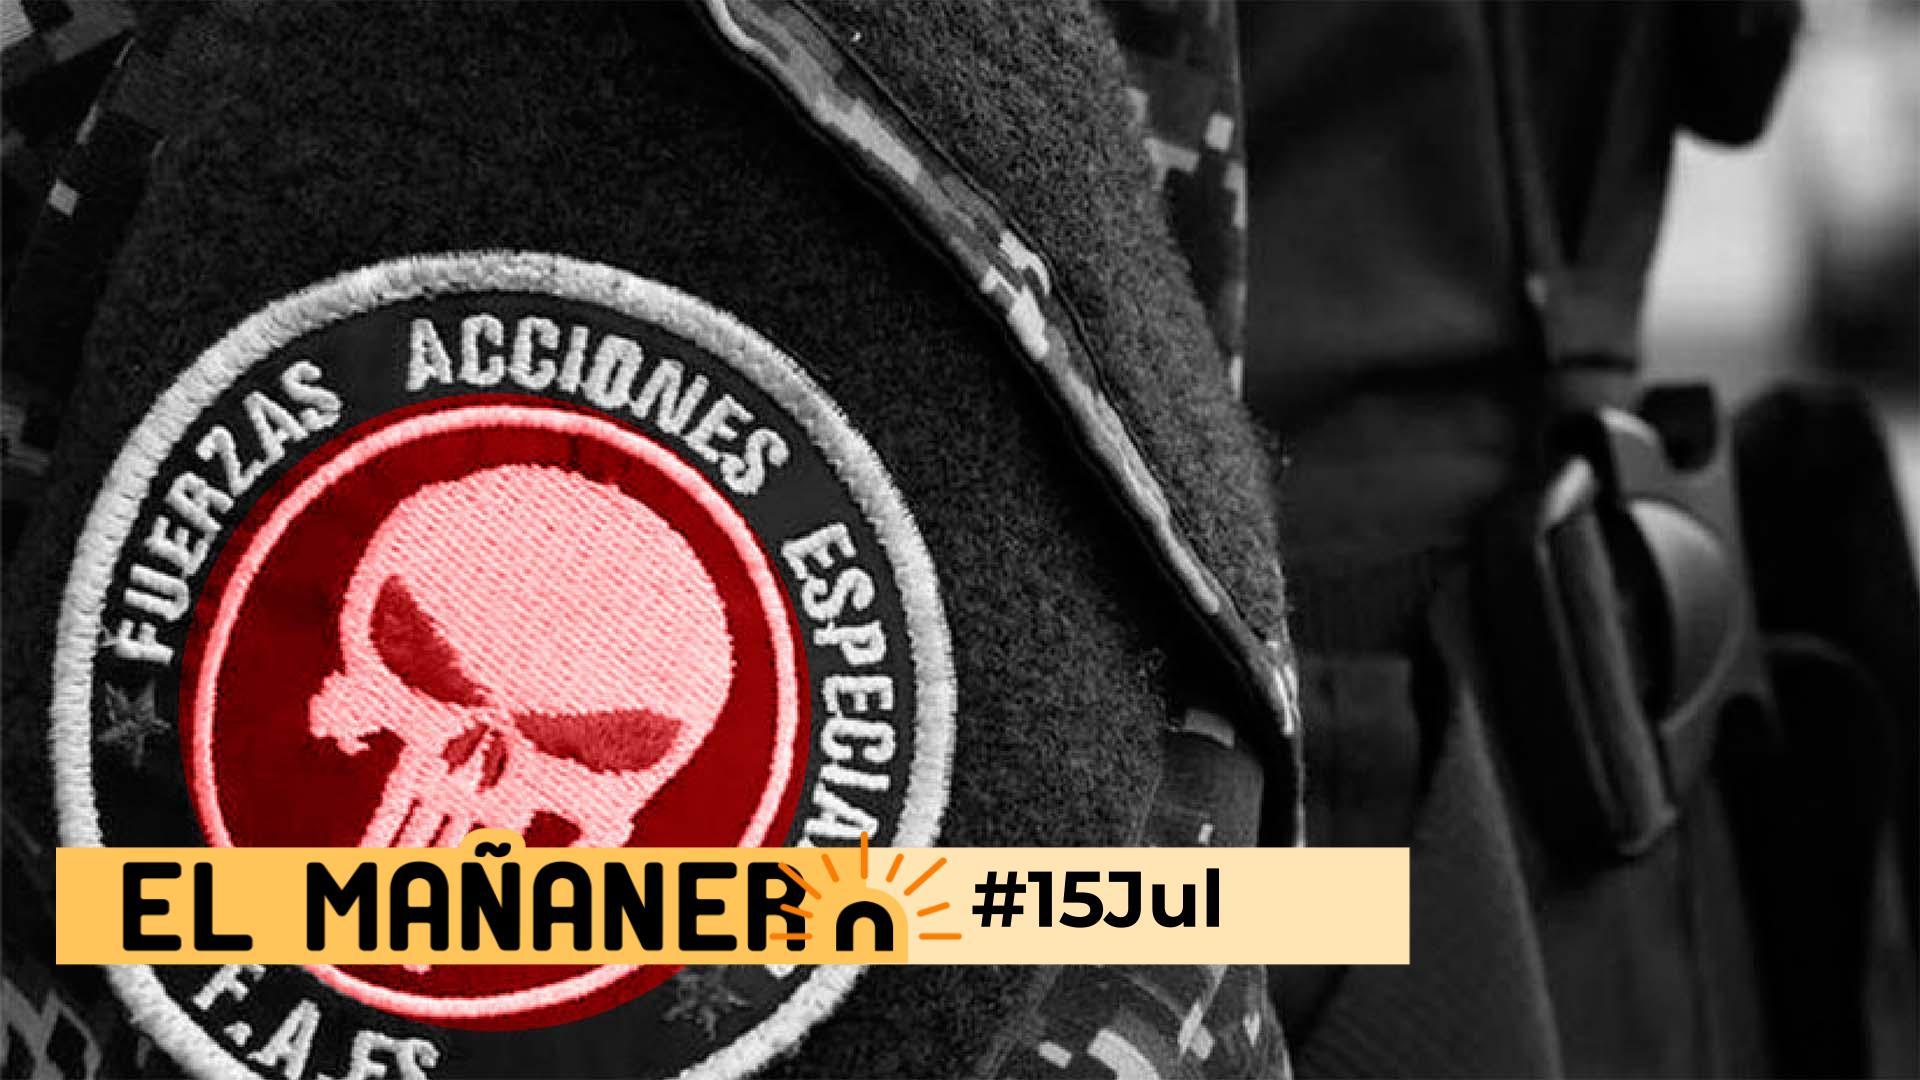 El Mañanero de hoy #15Jul: Las 8 noticias que debes saber